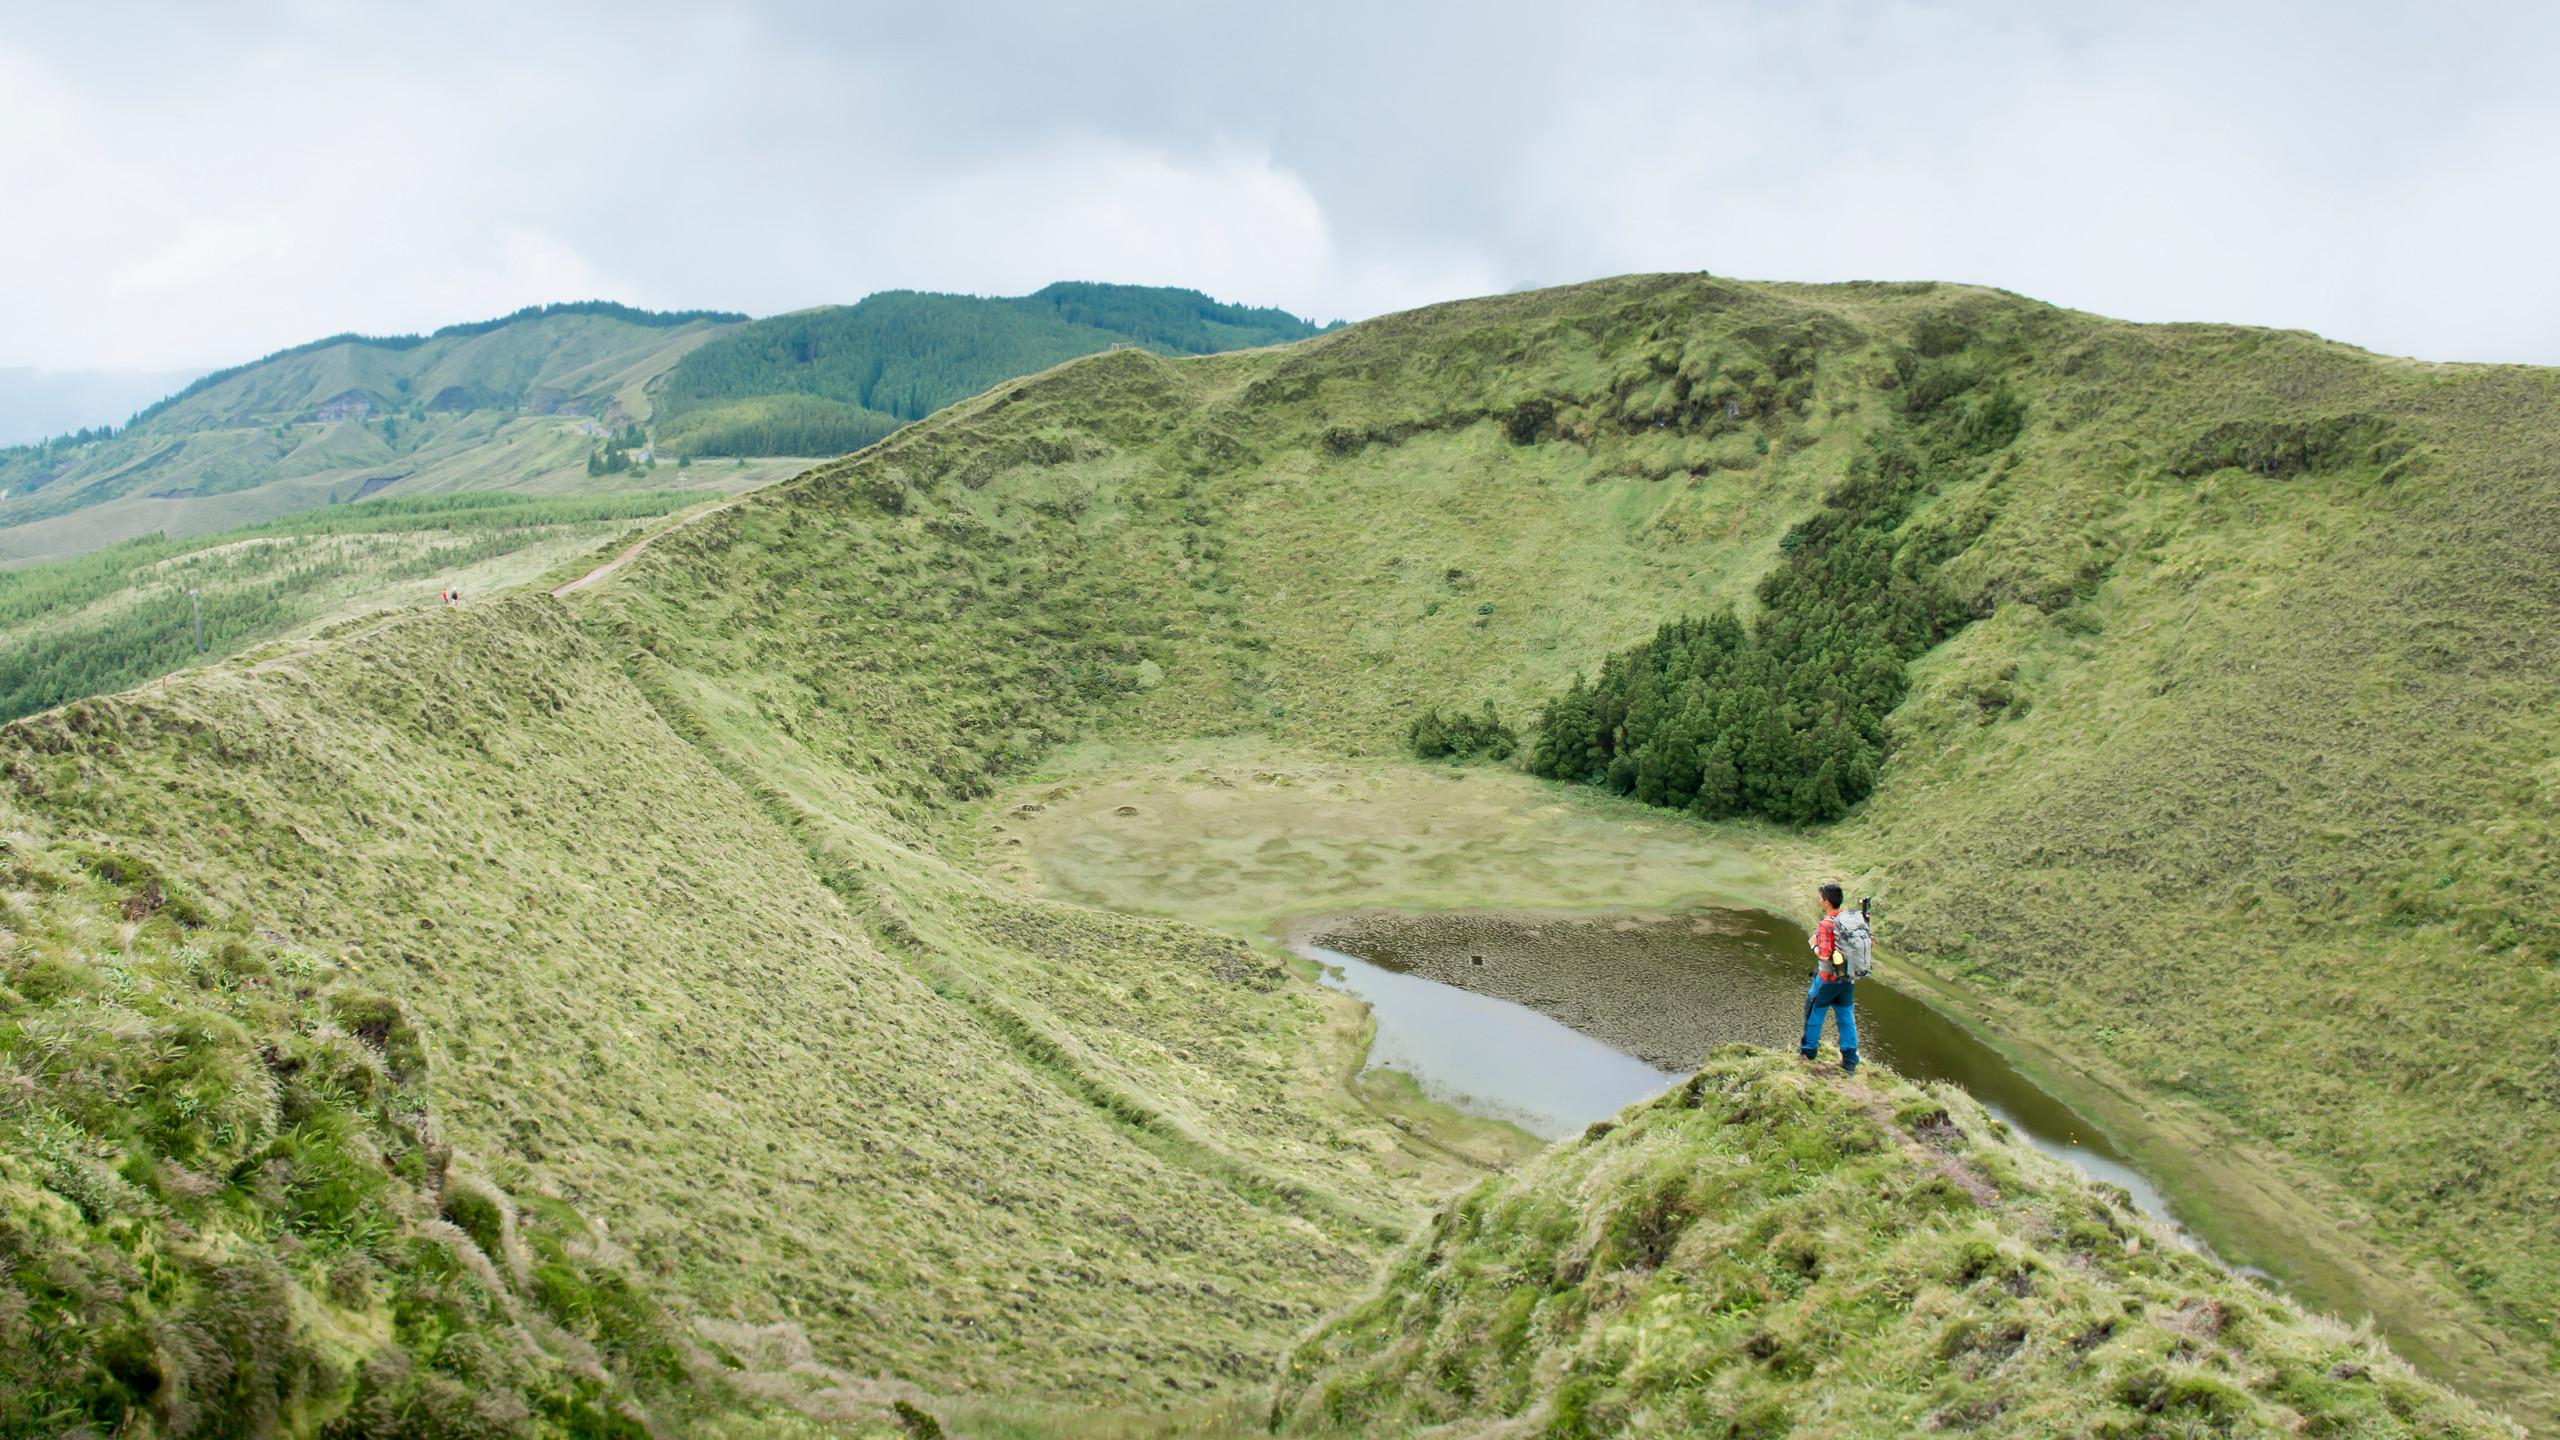 #hikingsaomiguel